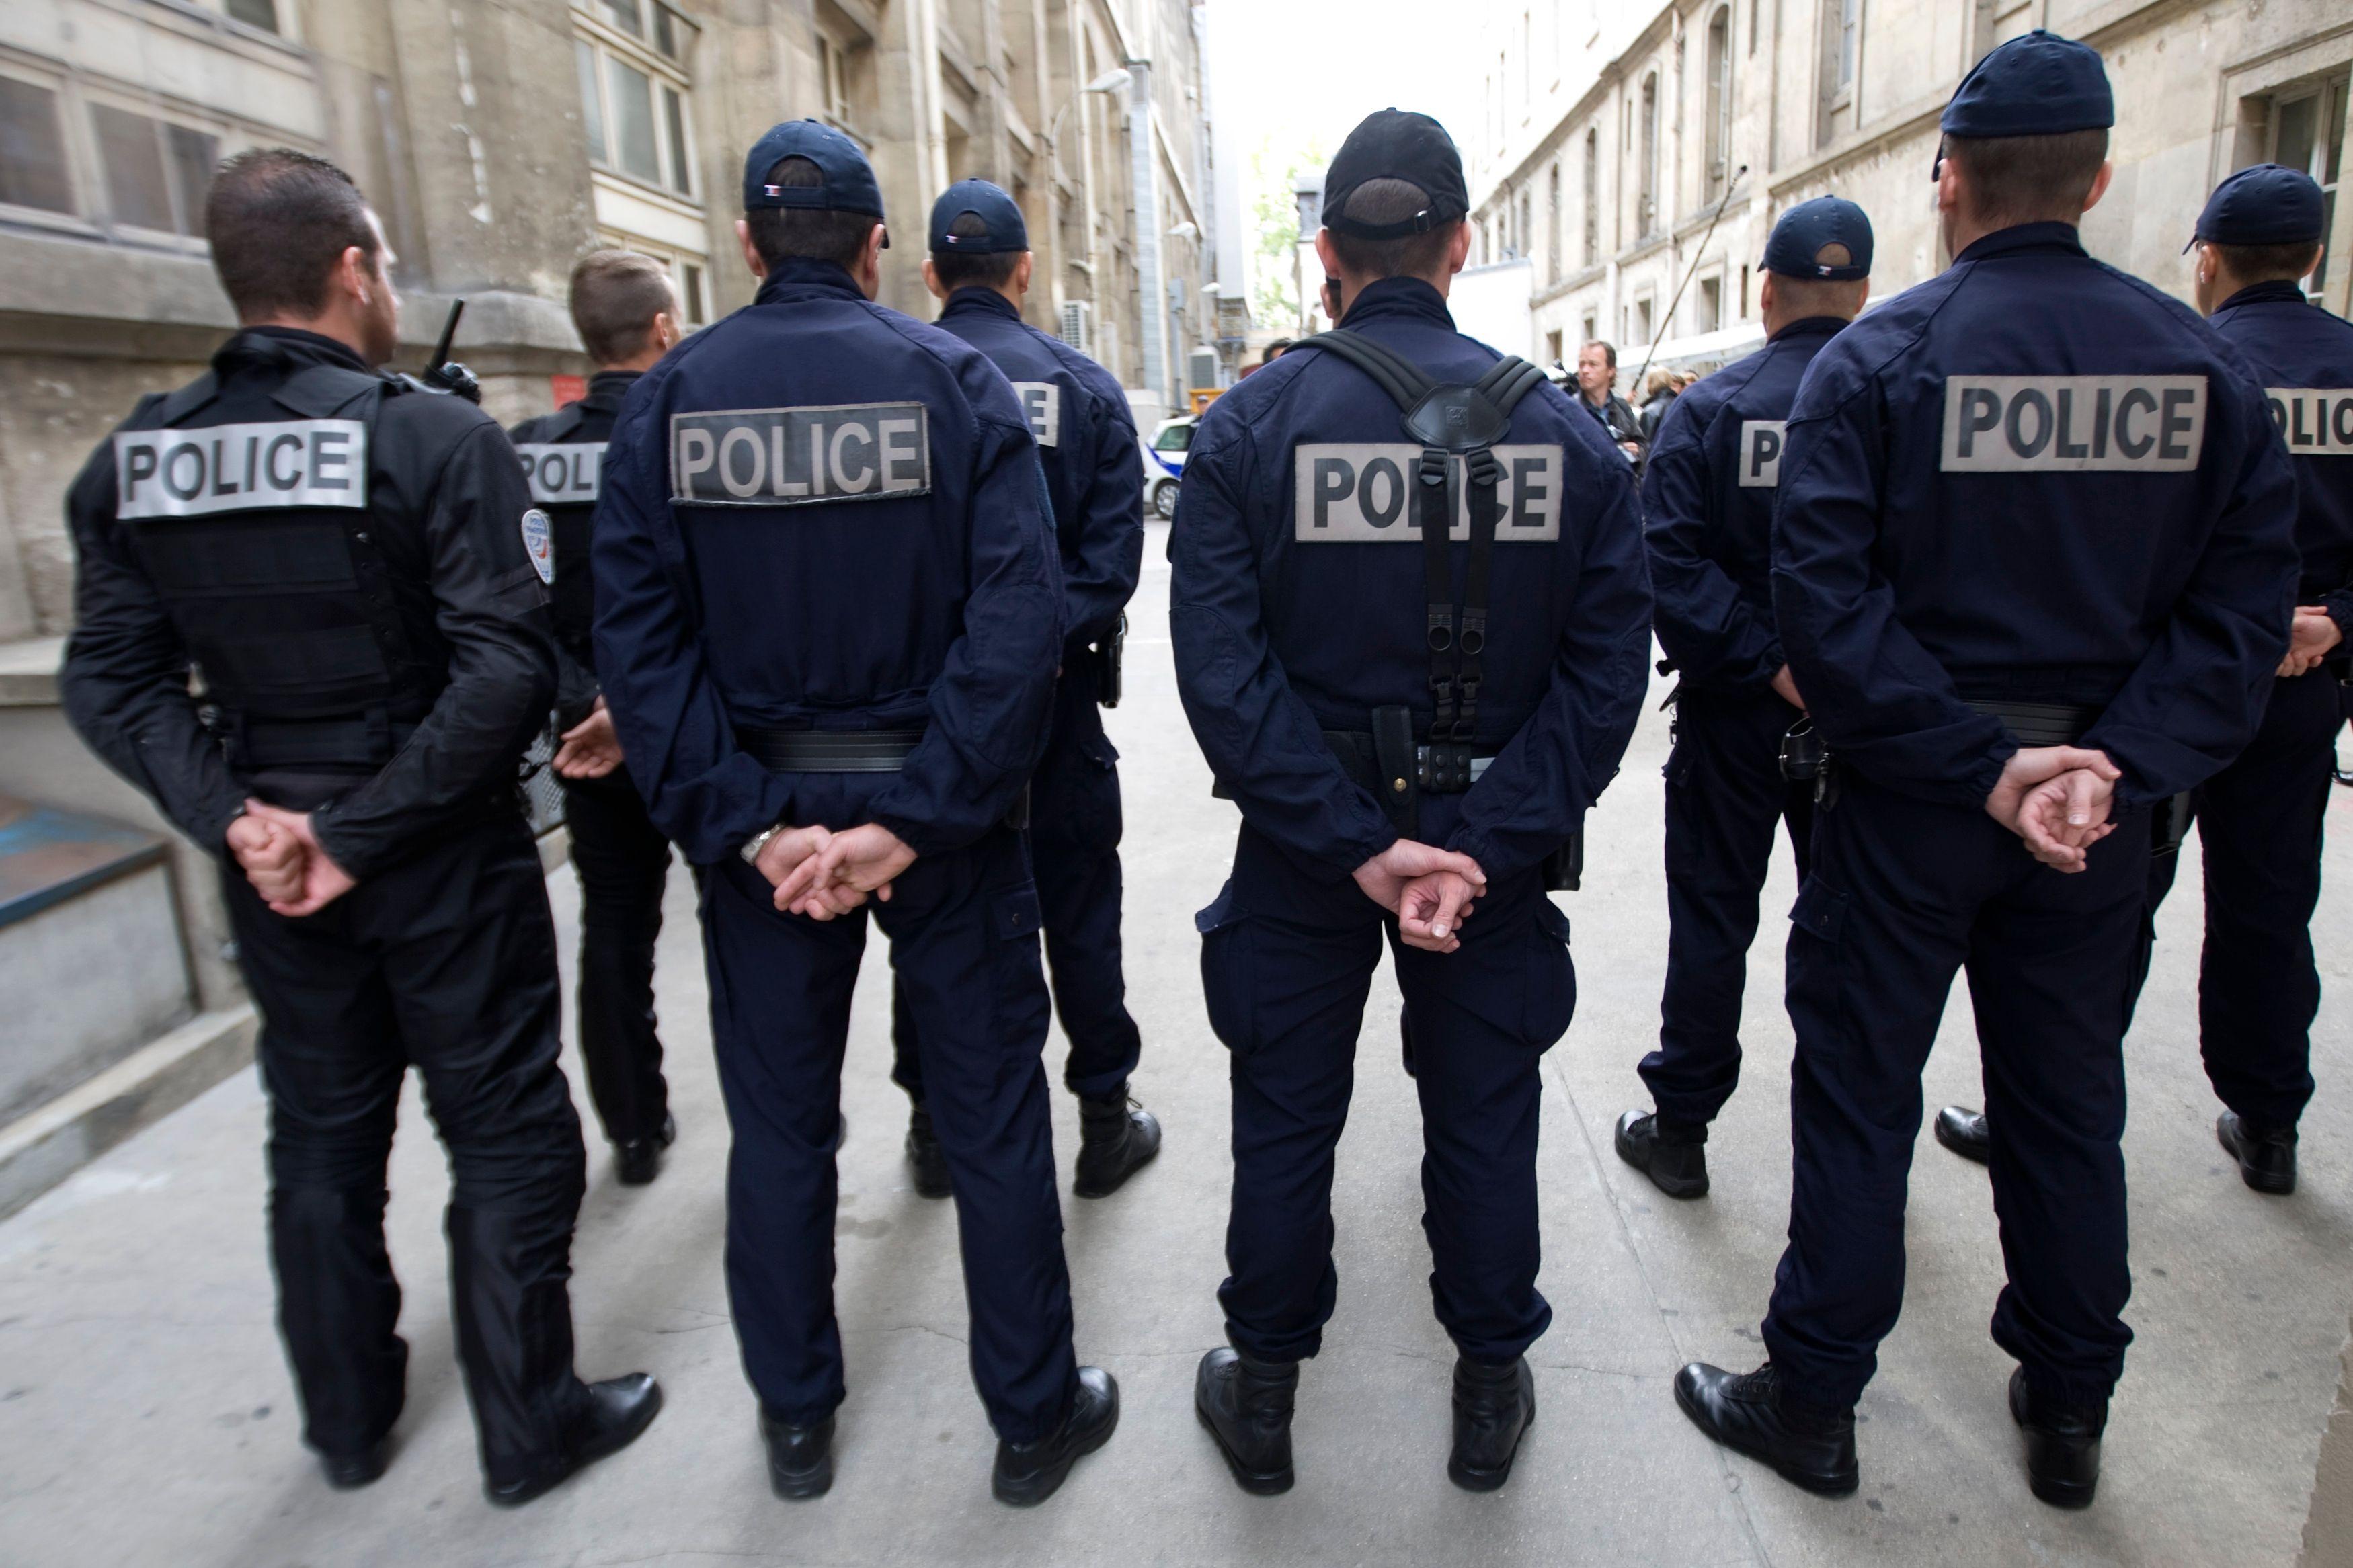 La délinquance est souvent associée à l'univers urbain, ce qui n'est pas exact, et cache surtout de profondes disparités.